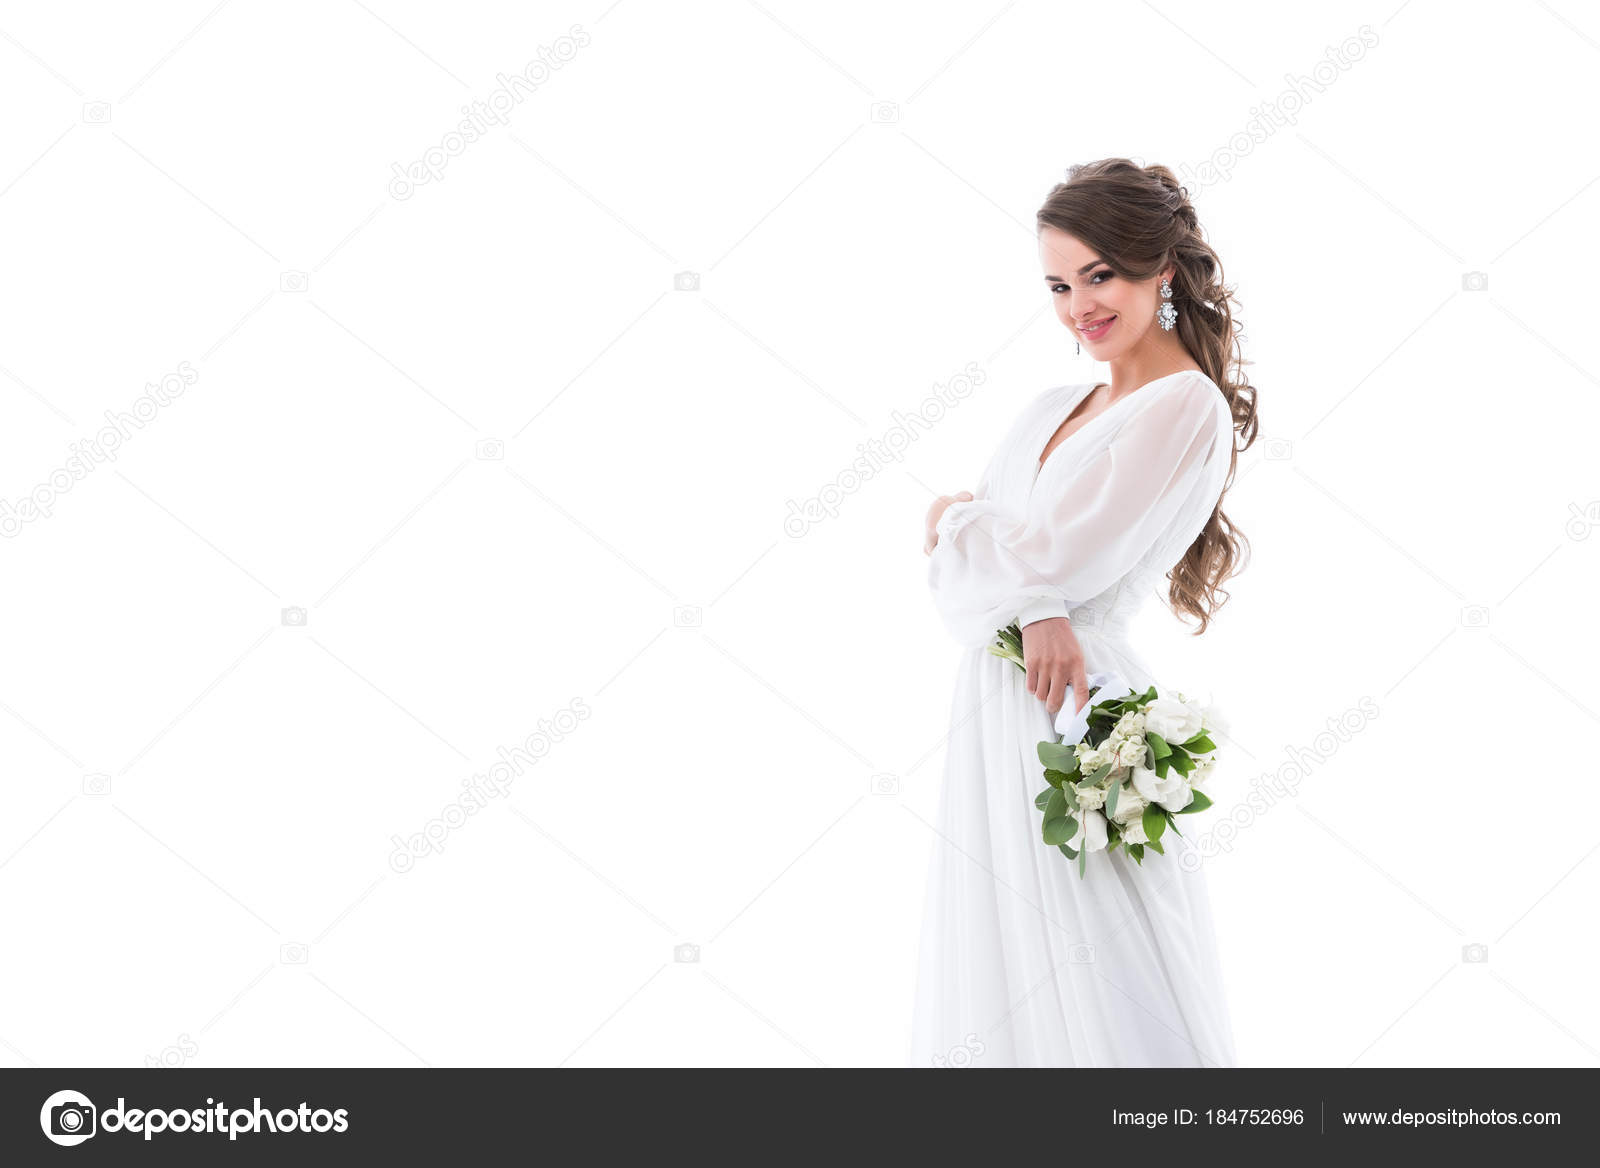 Lacheln Braut Posiert Weissen Tracht Mit Brautstrauss Isoliert Auf